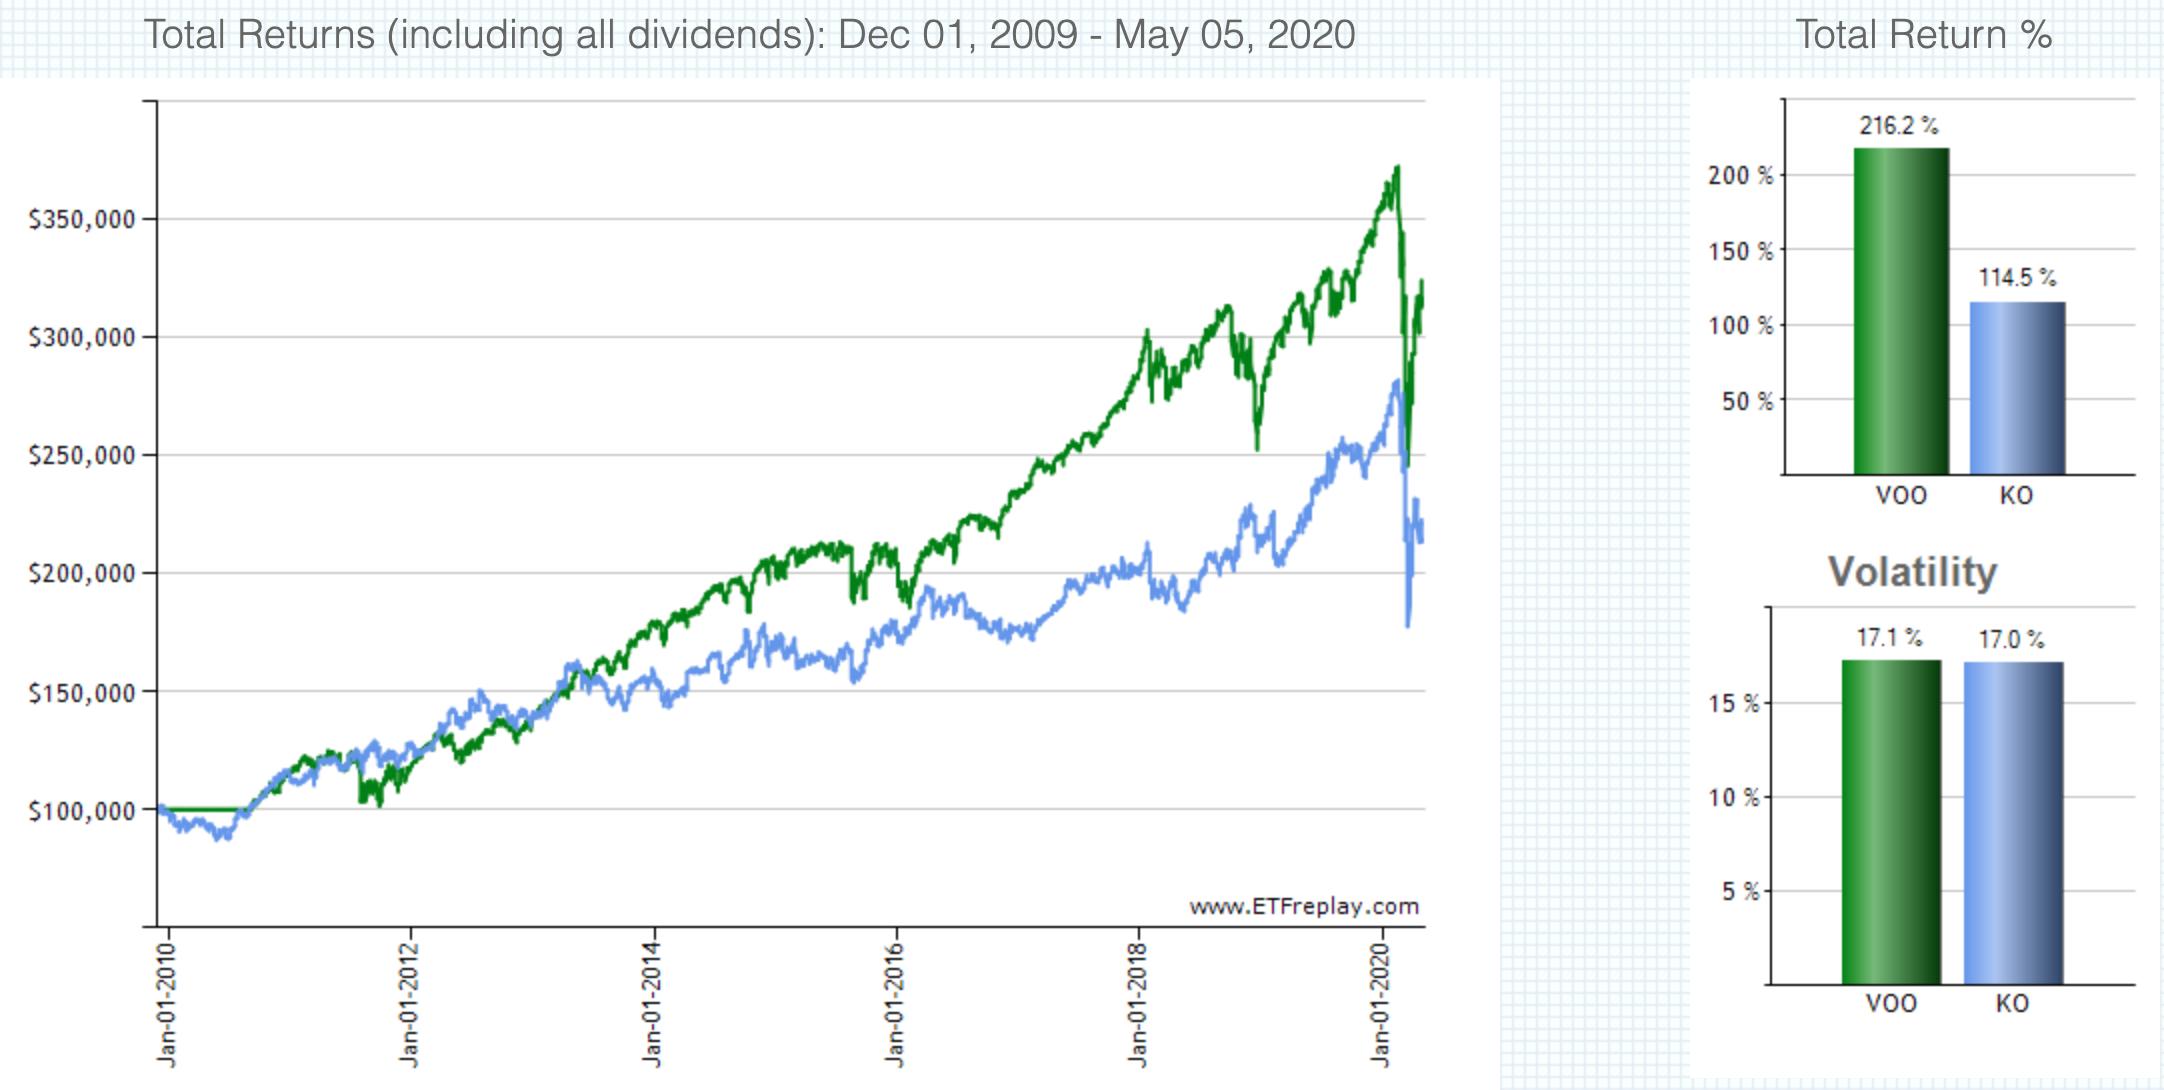 KO株価の推移(配当込み)